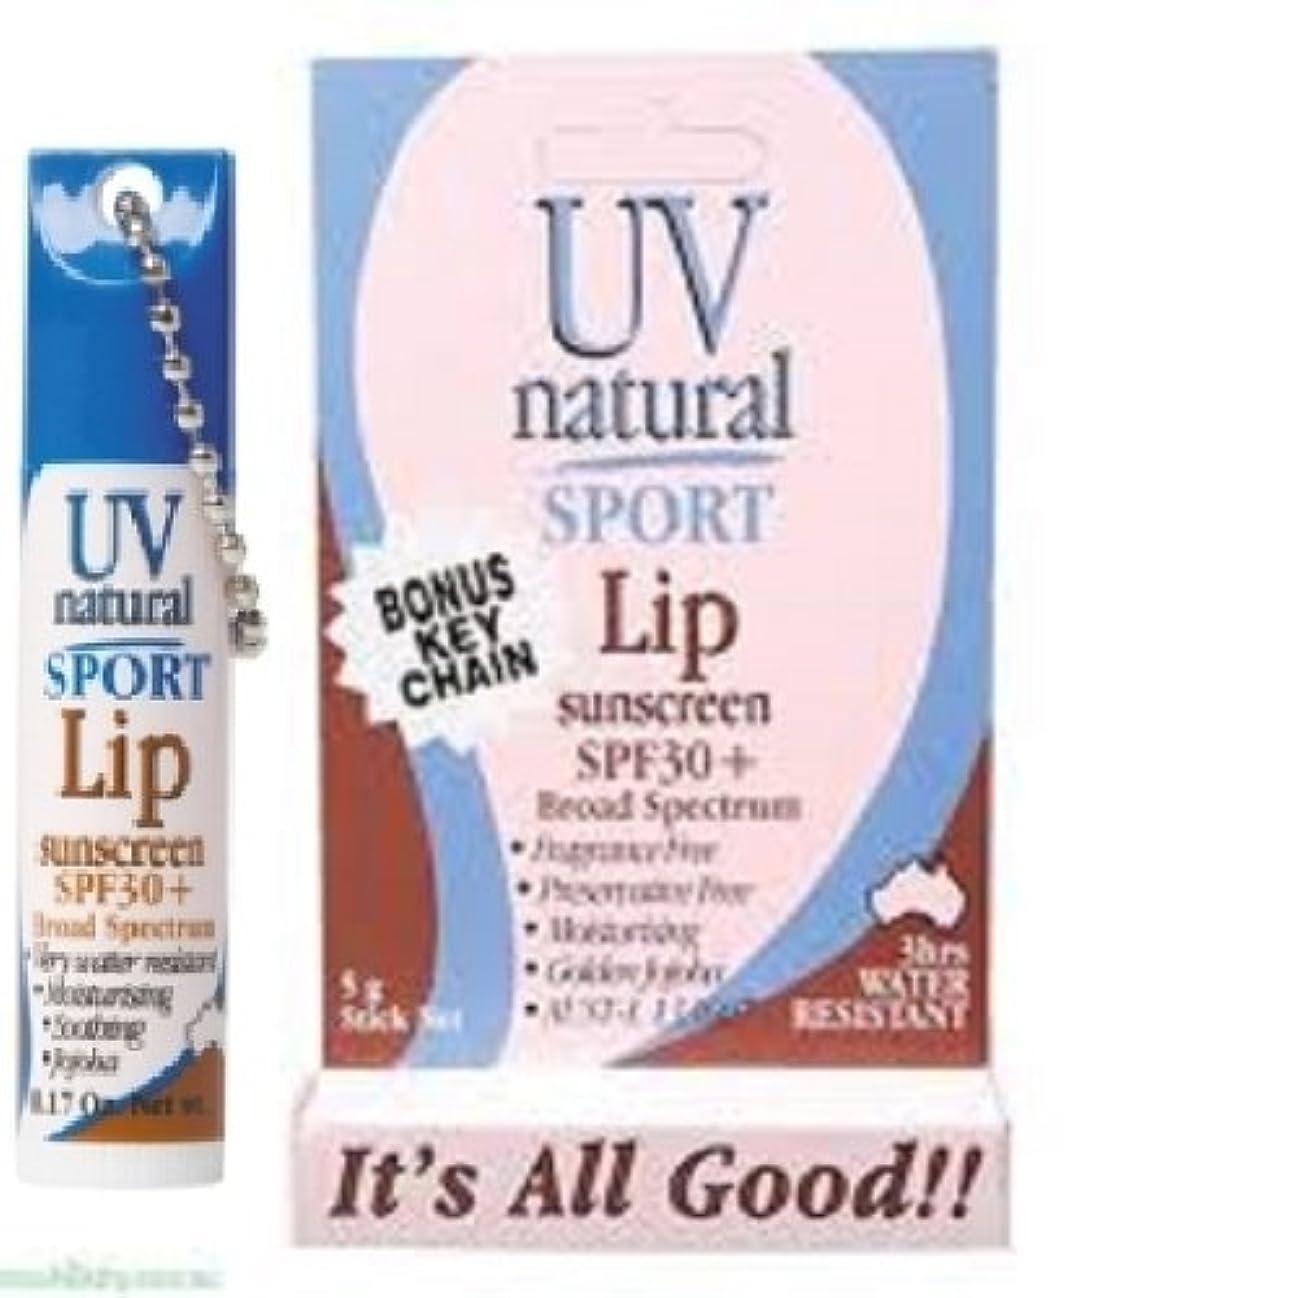 アーティストエゴイズム昨日【UV NATURAL】Lip Sunscreen 日焼け止め Sport SPF30+ 5g 3本セット